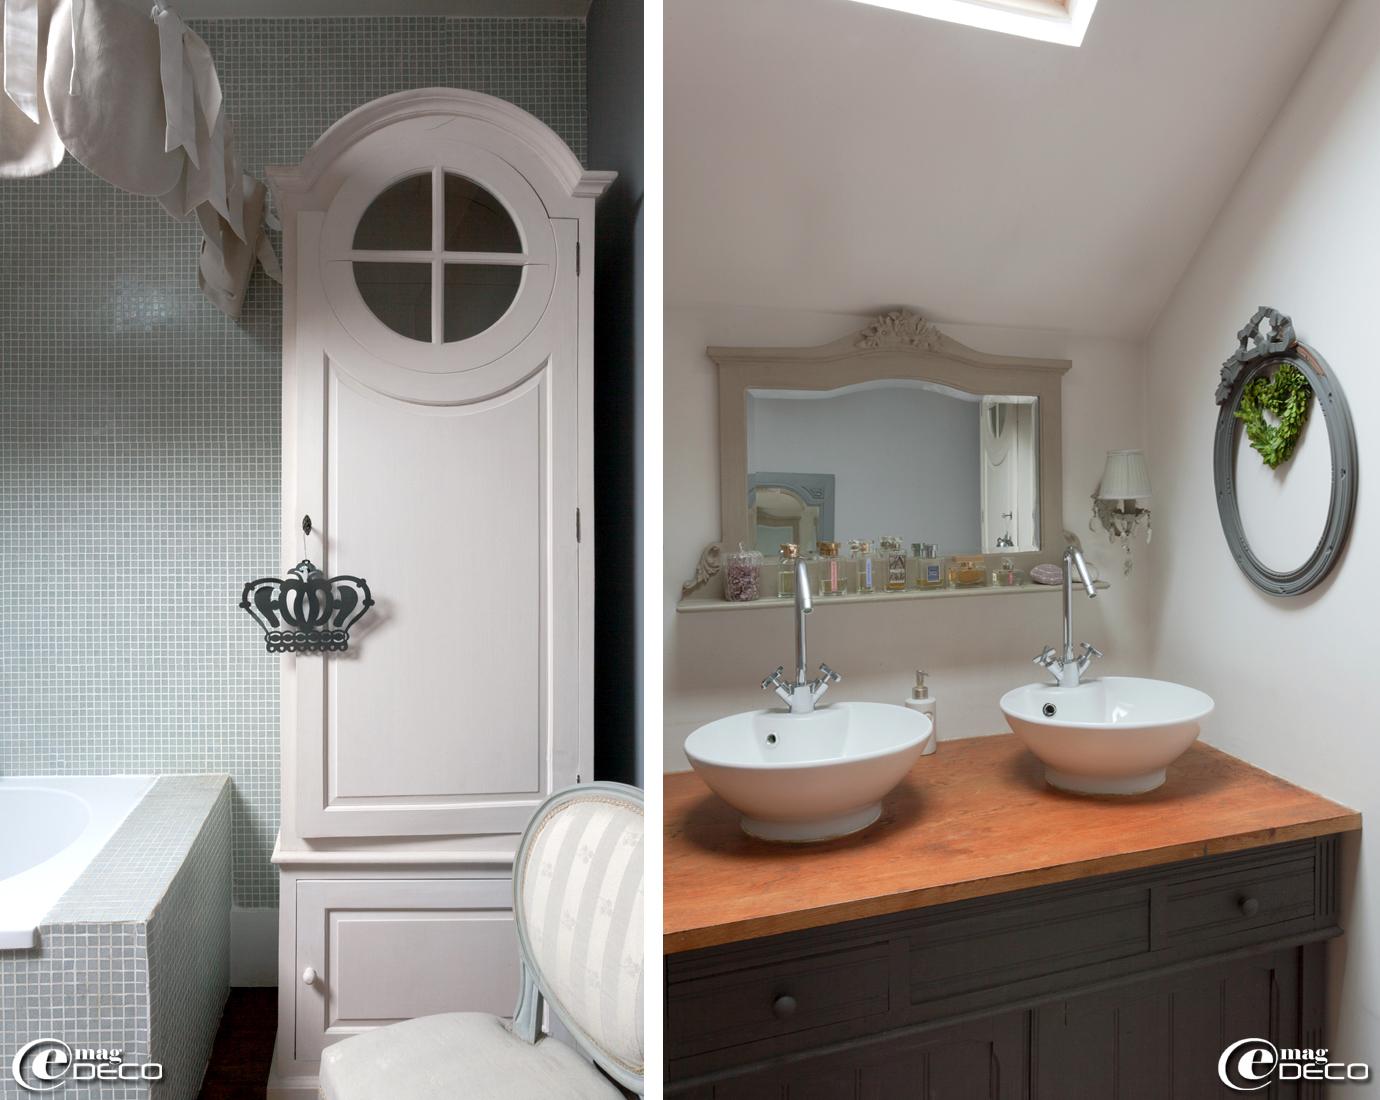 decoration au dessus d un bahut fabulous meuble dco pour petit appartement et ide dcoration. Black Bedroom Furniture Sets. Home Design Ideas